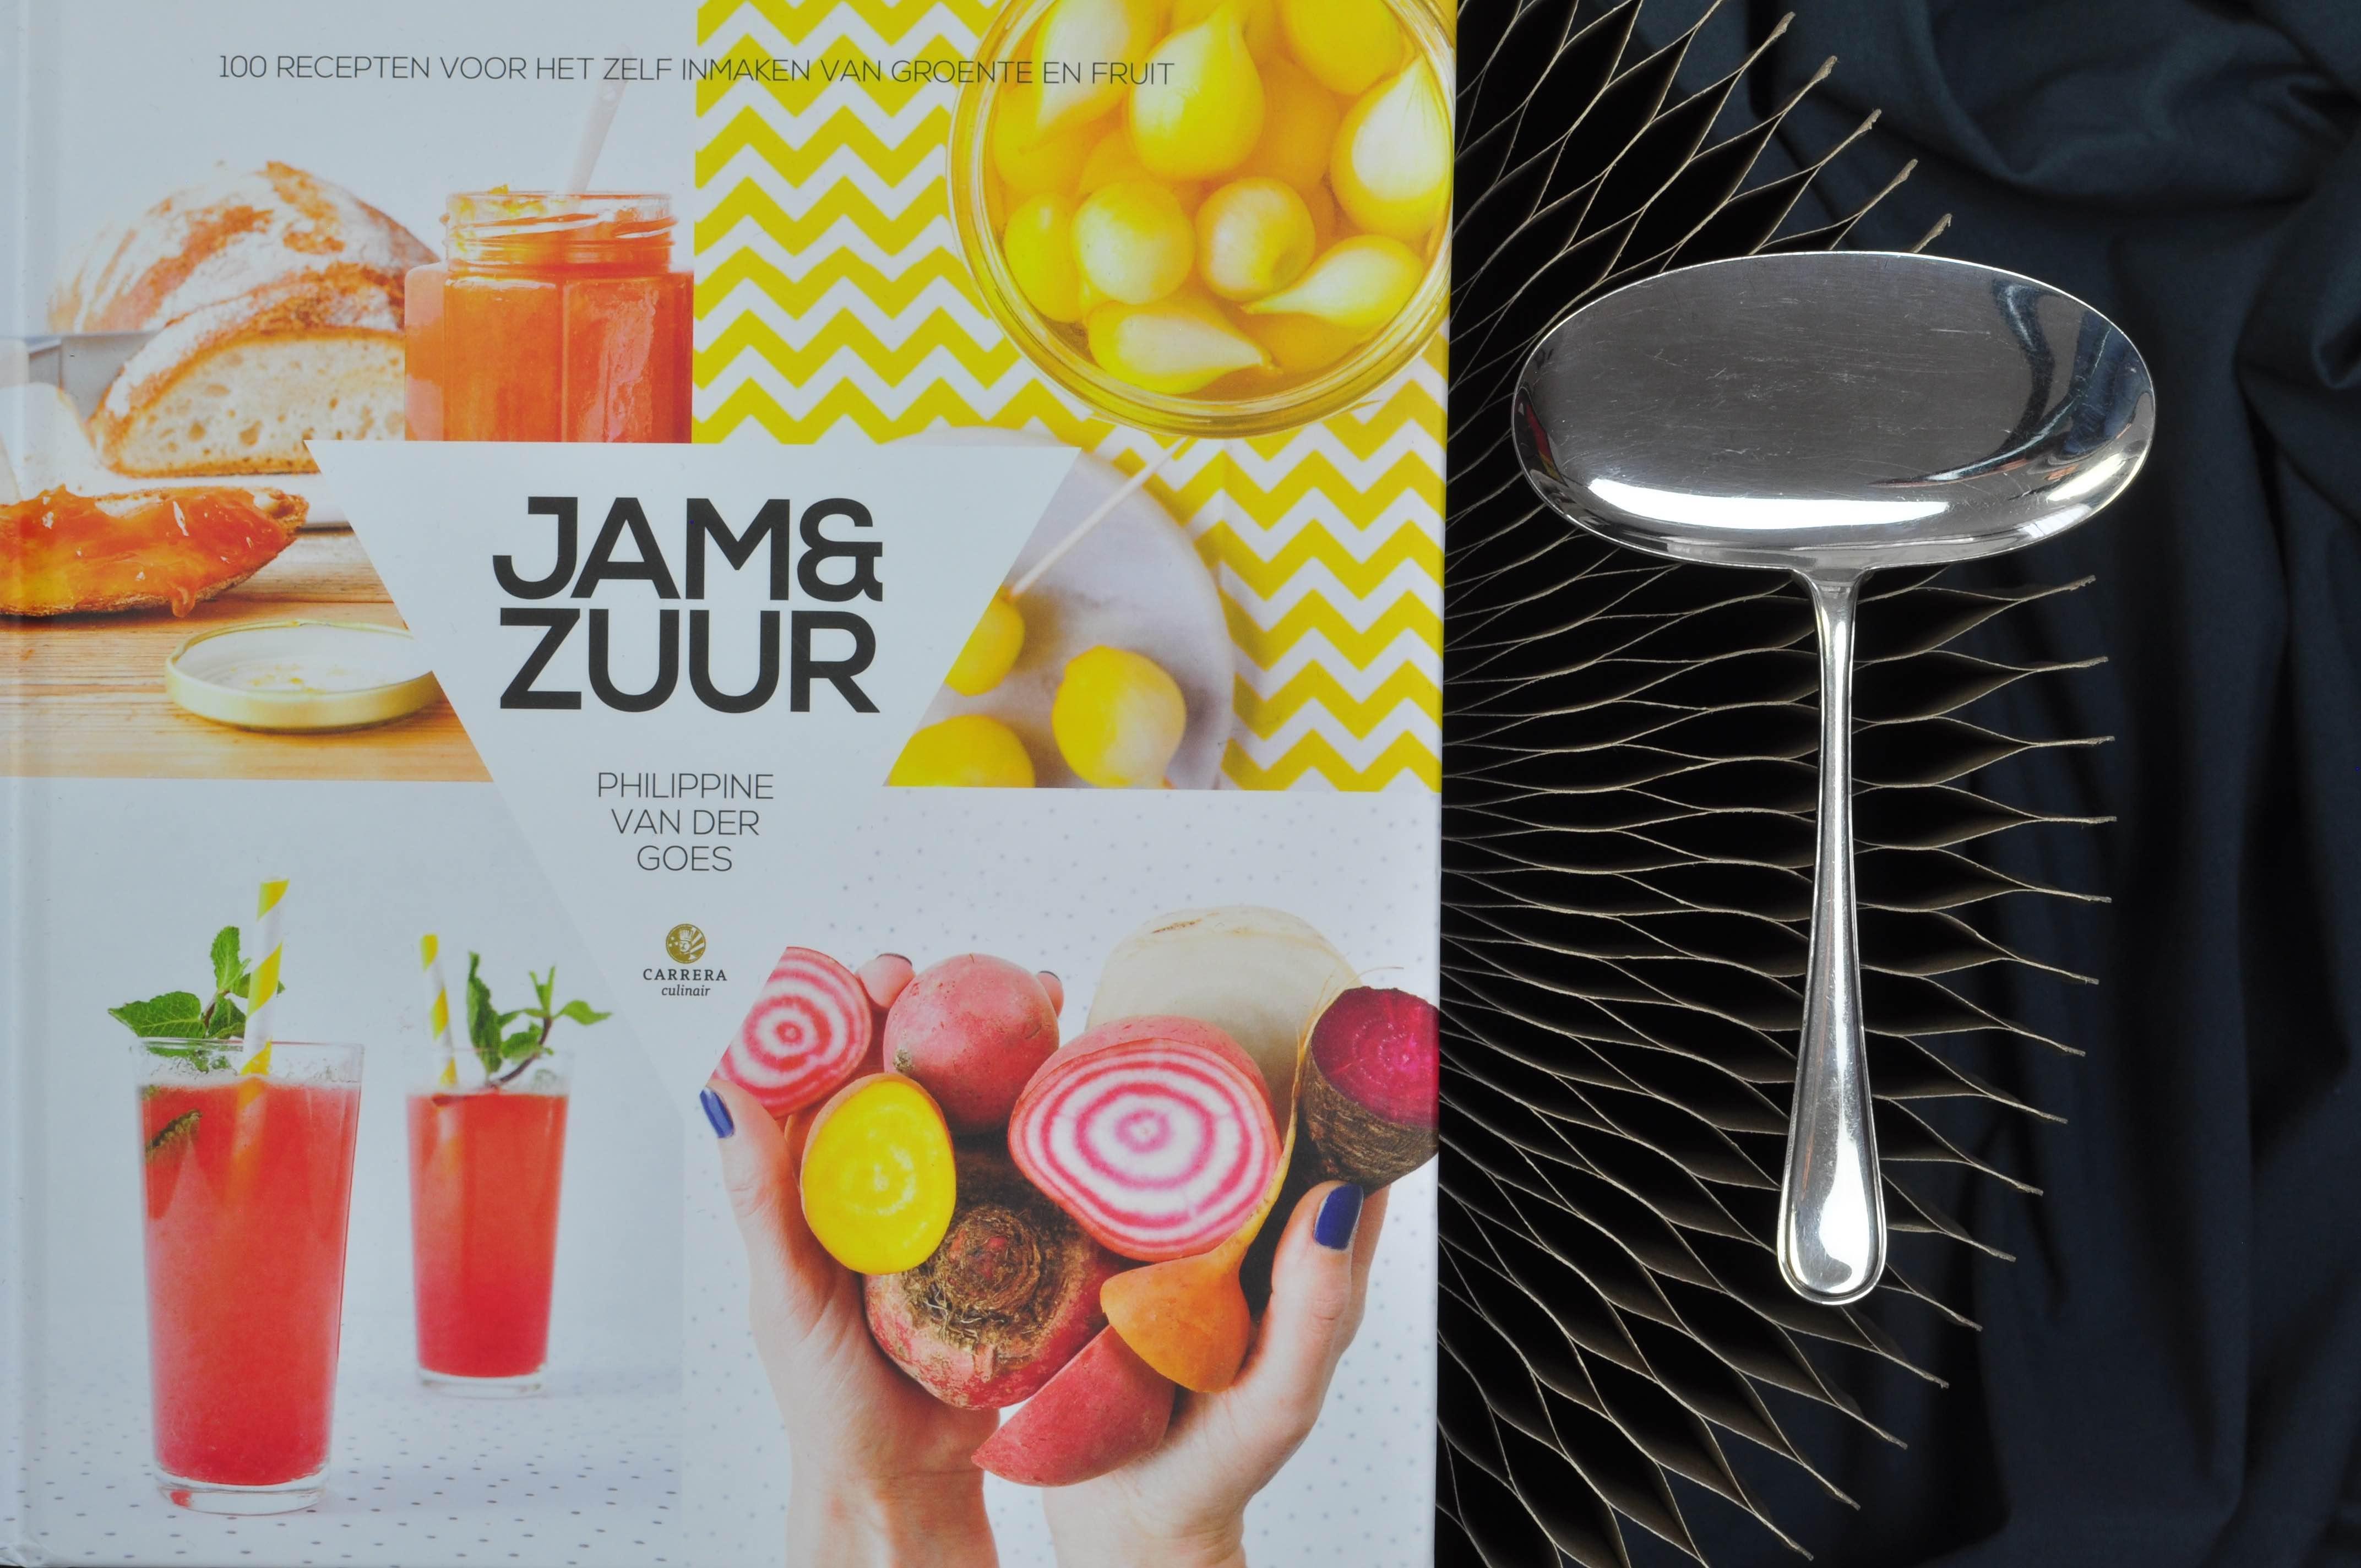 Jam_en_zuur